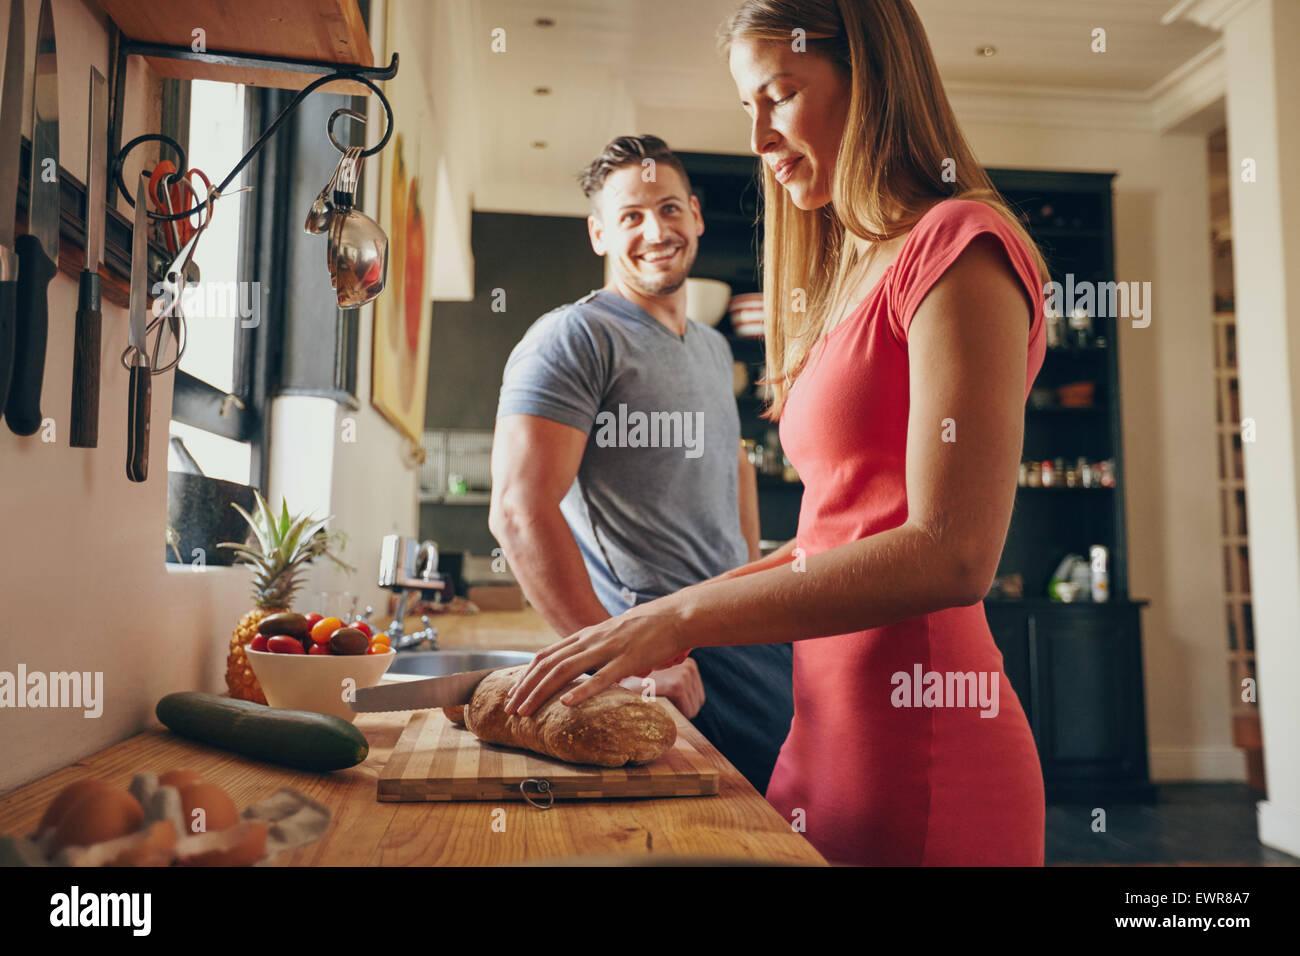 Innenaufnahme der junge Mann und Frau in der Küche am Morgen. Konzentrieren Sie sich auf Frau Schneiden von Stockbild